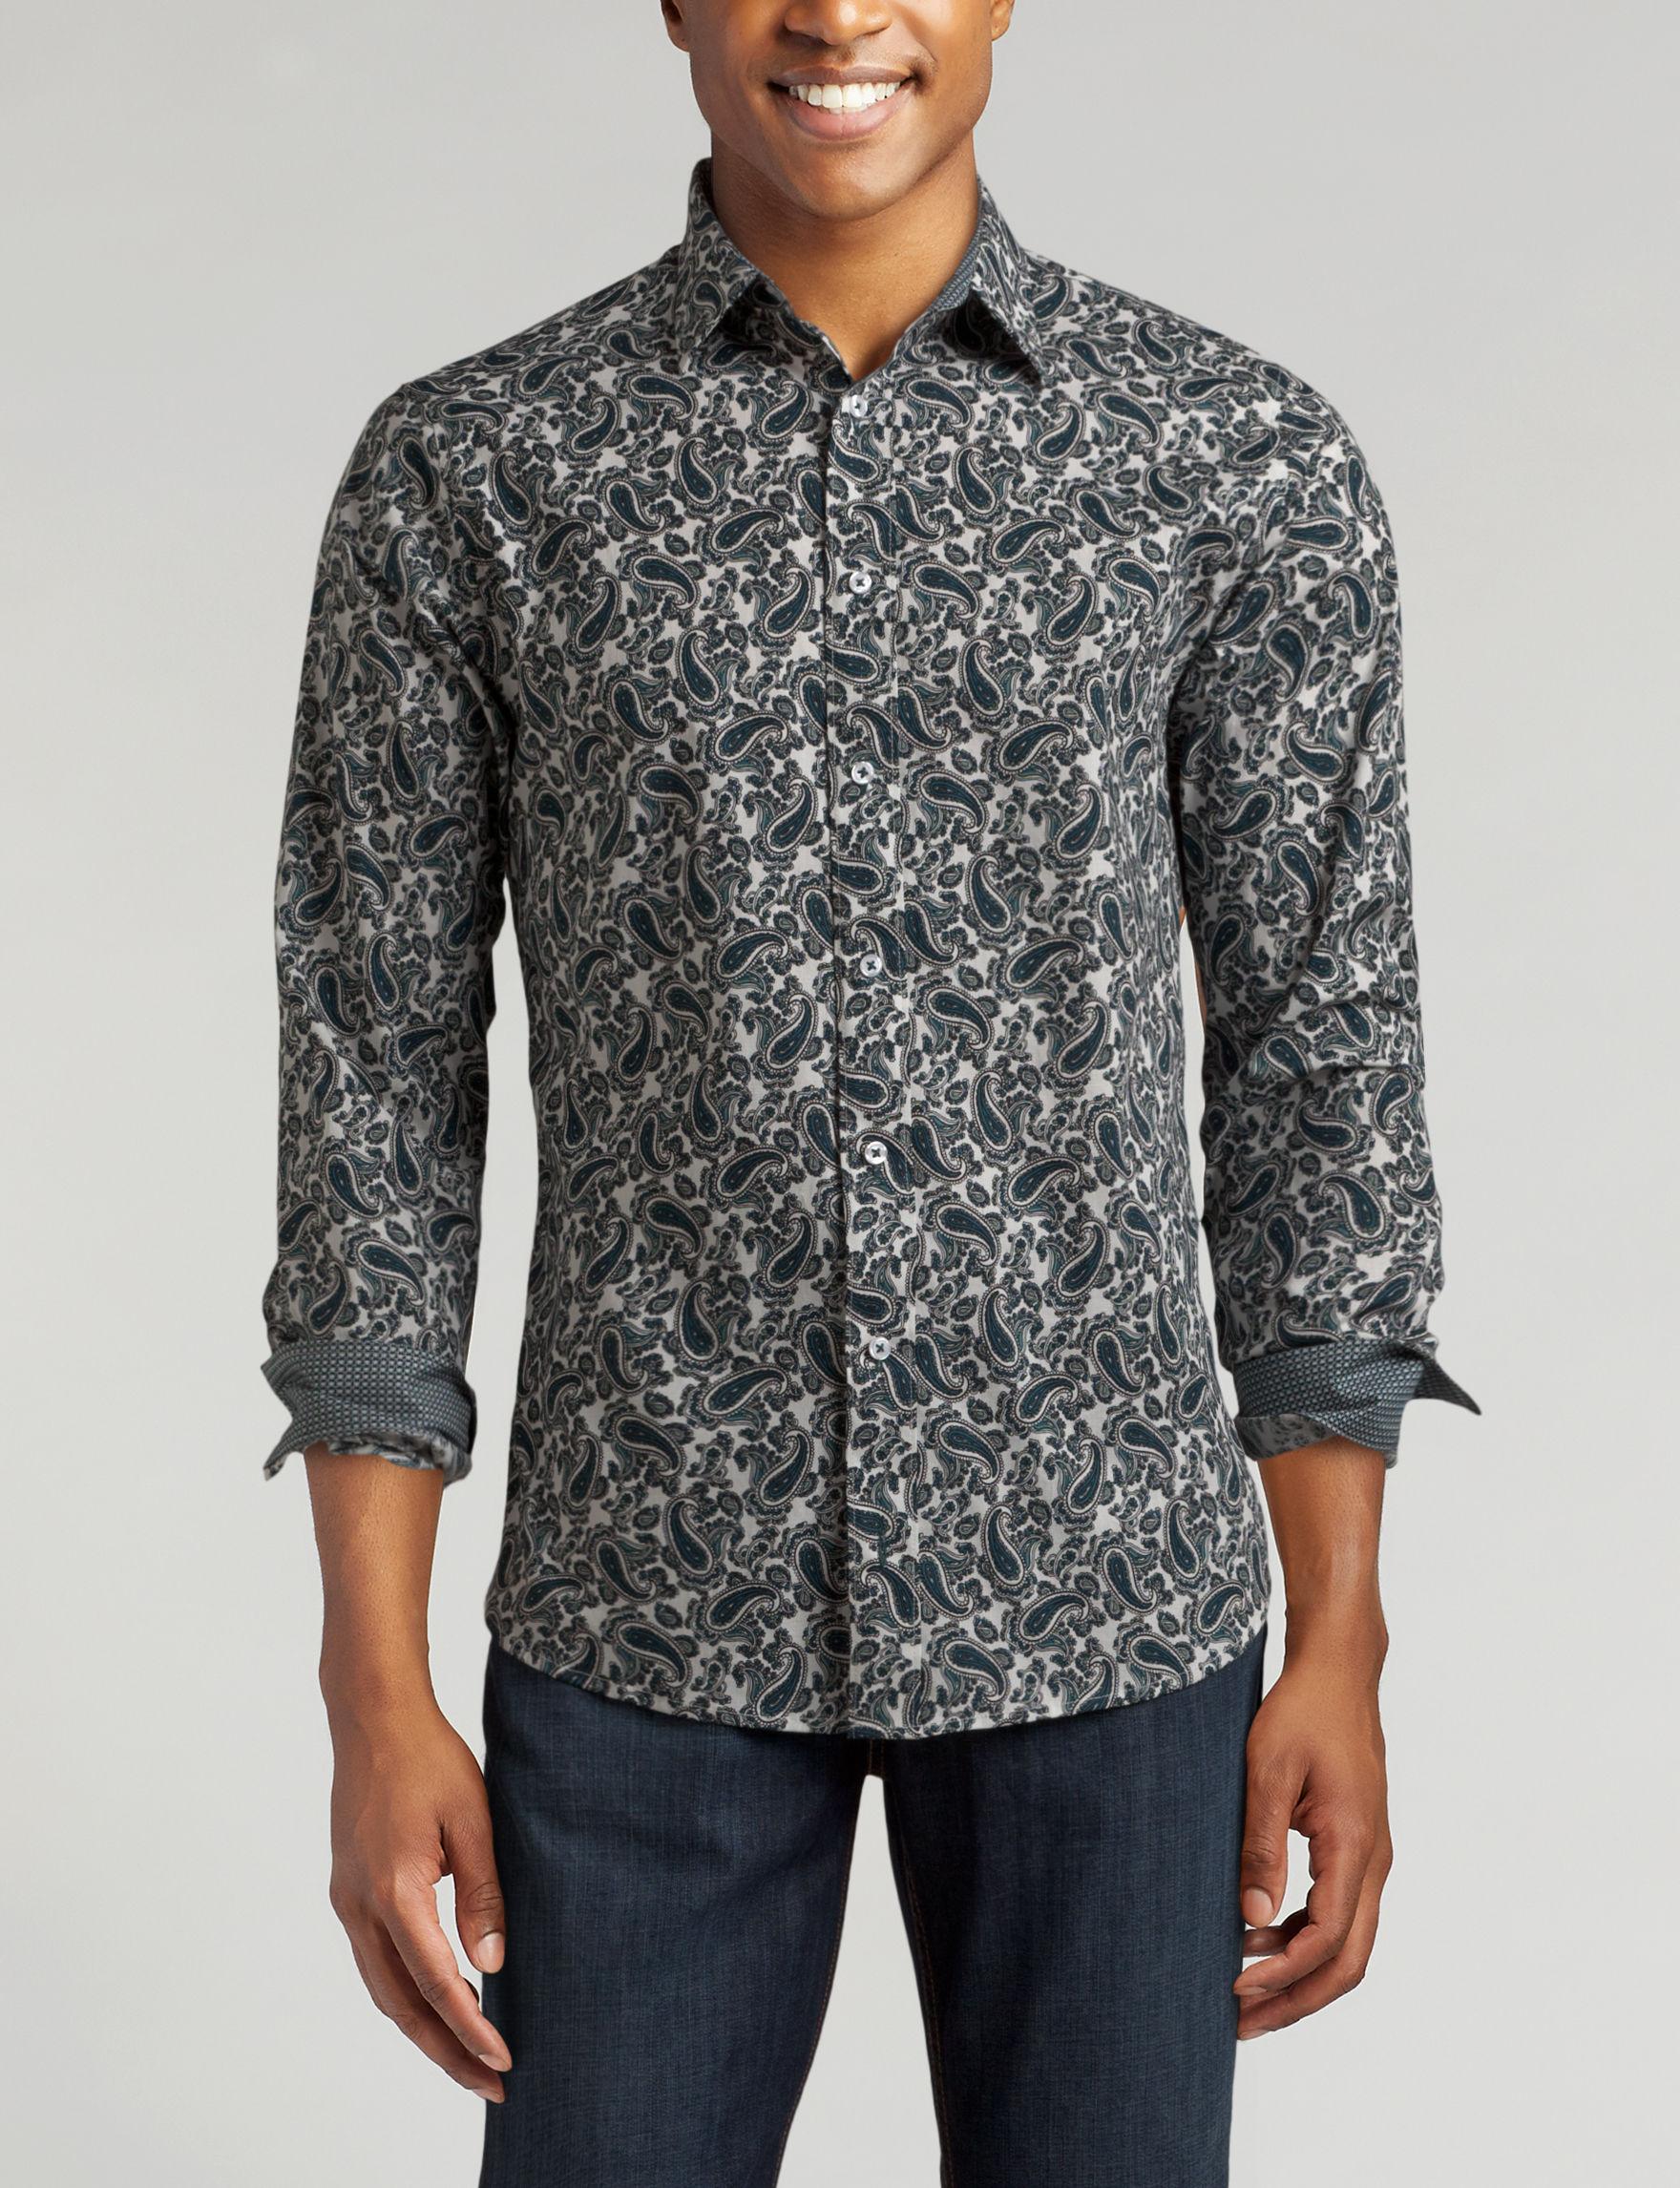 Signature Studio Black / White Casual Button Down Shirts